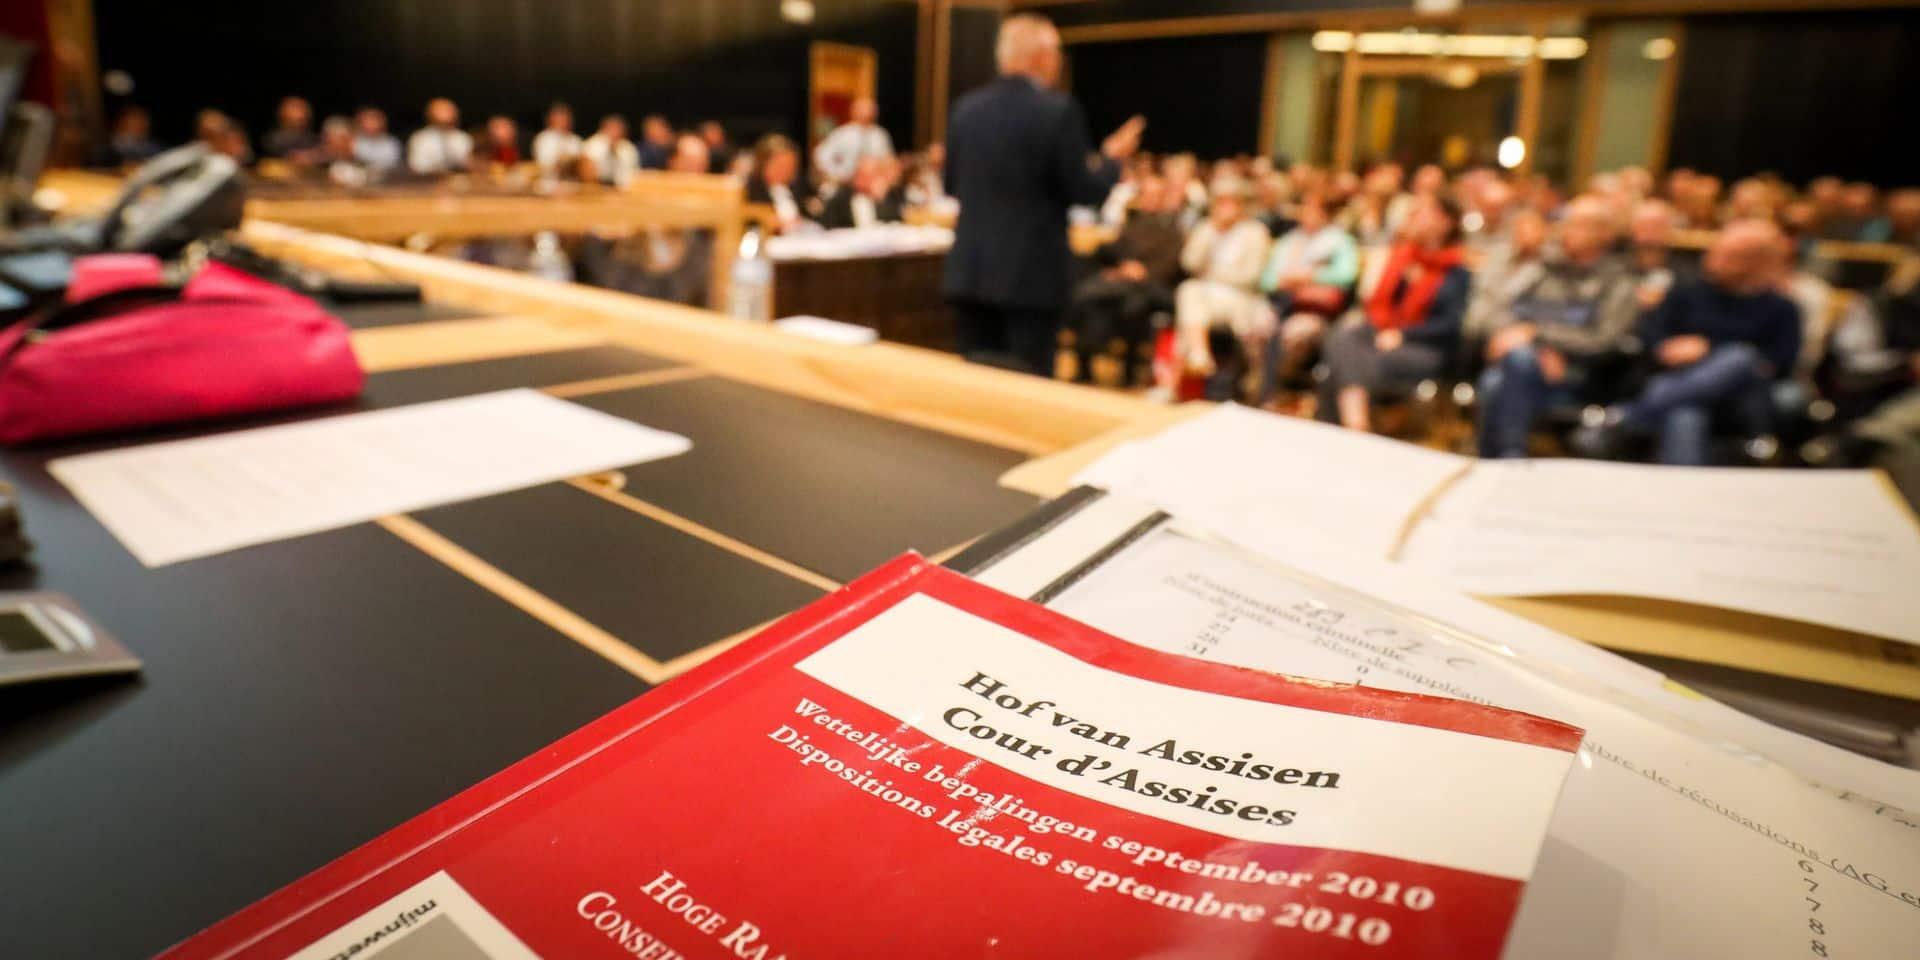 Meurtre de Colette Daully à Mons : Christian Colpin sera jugé aux assises